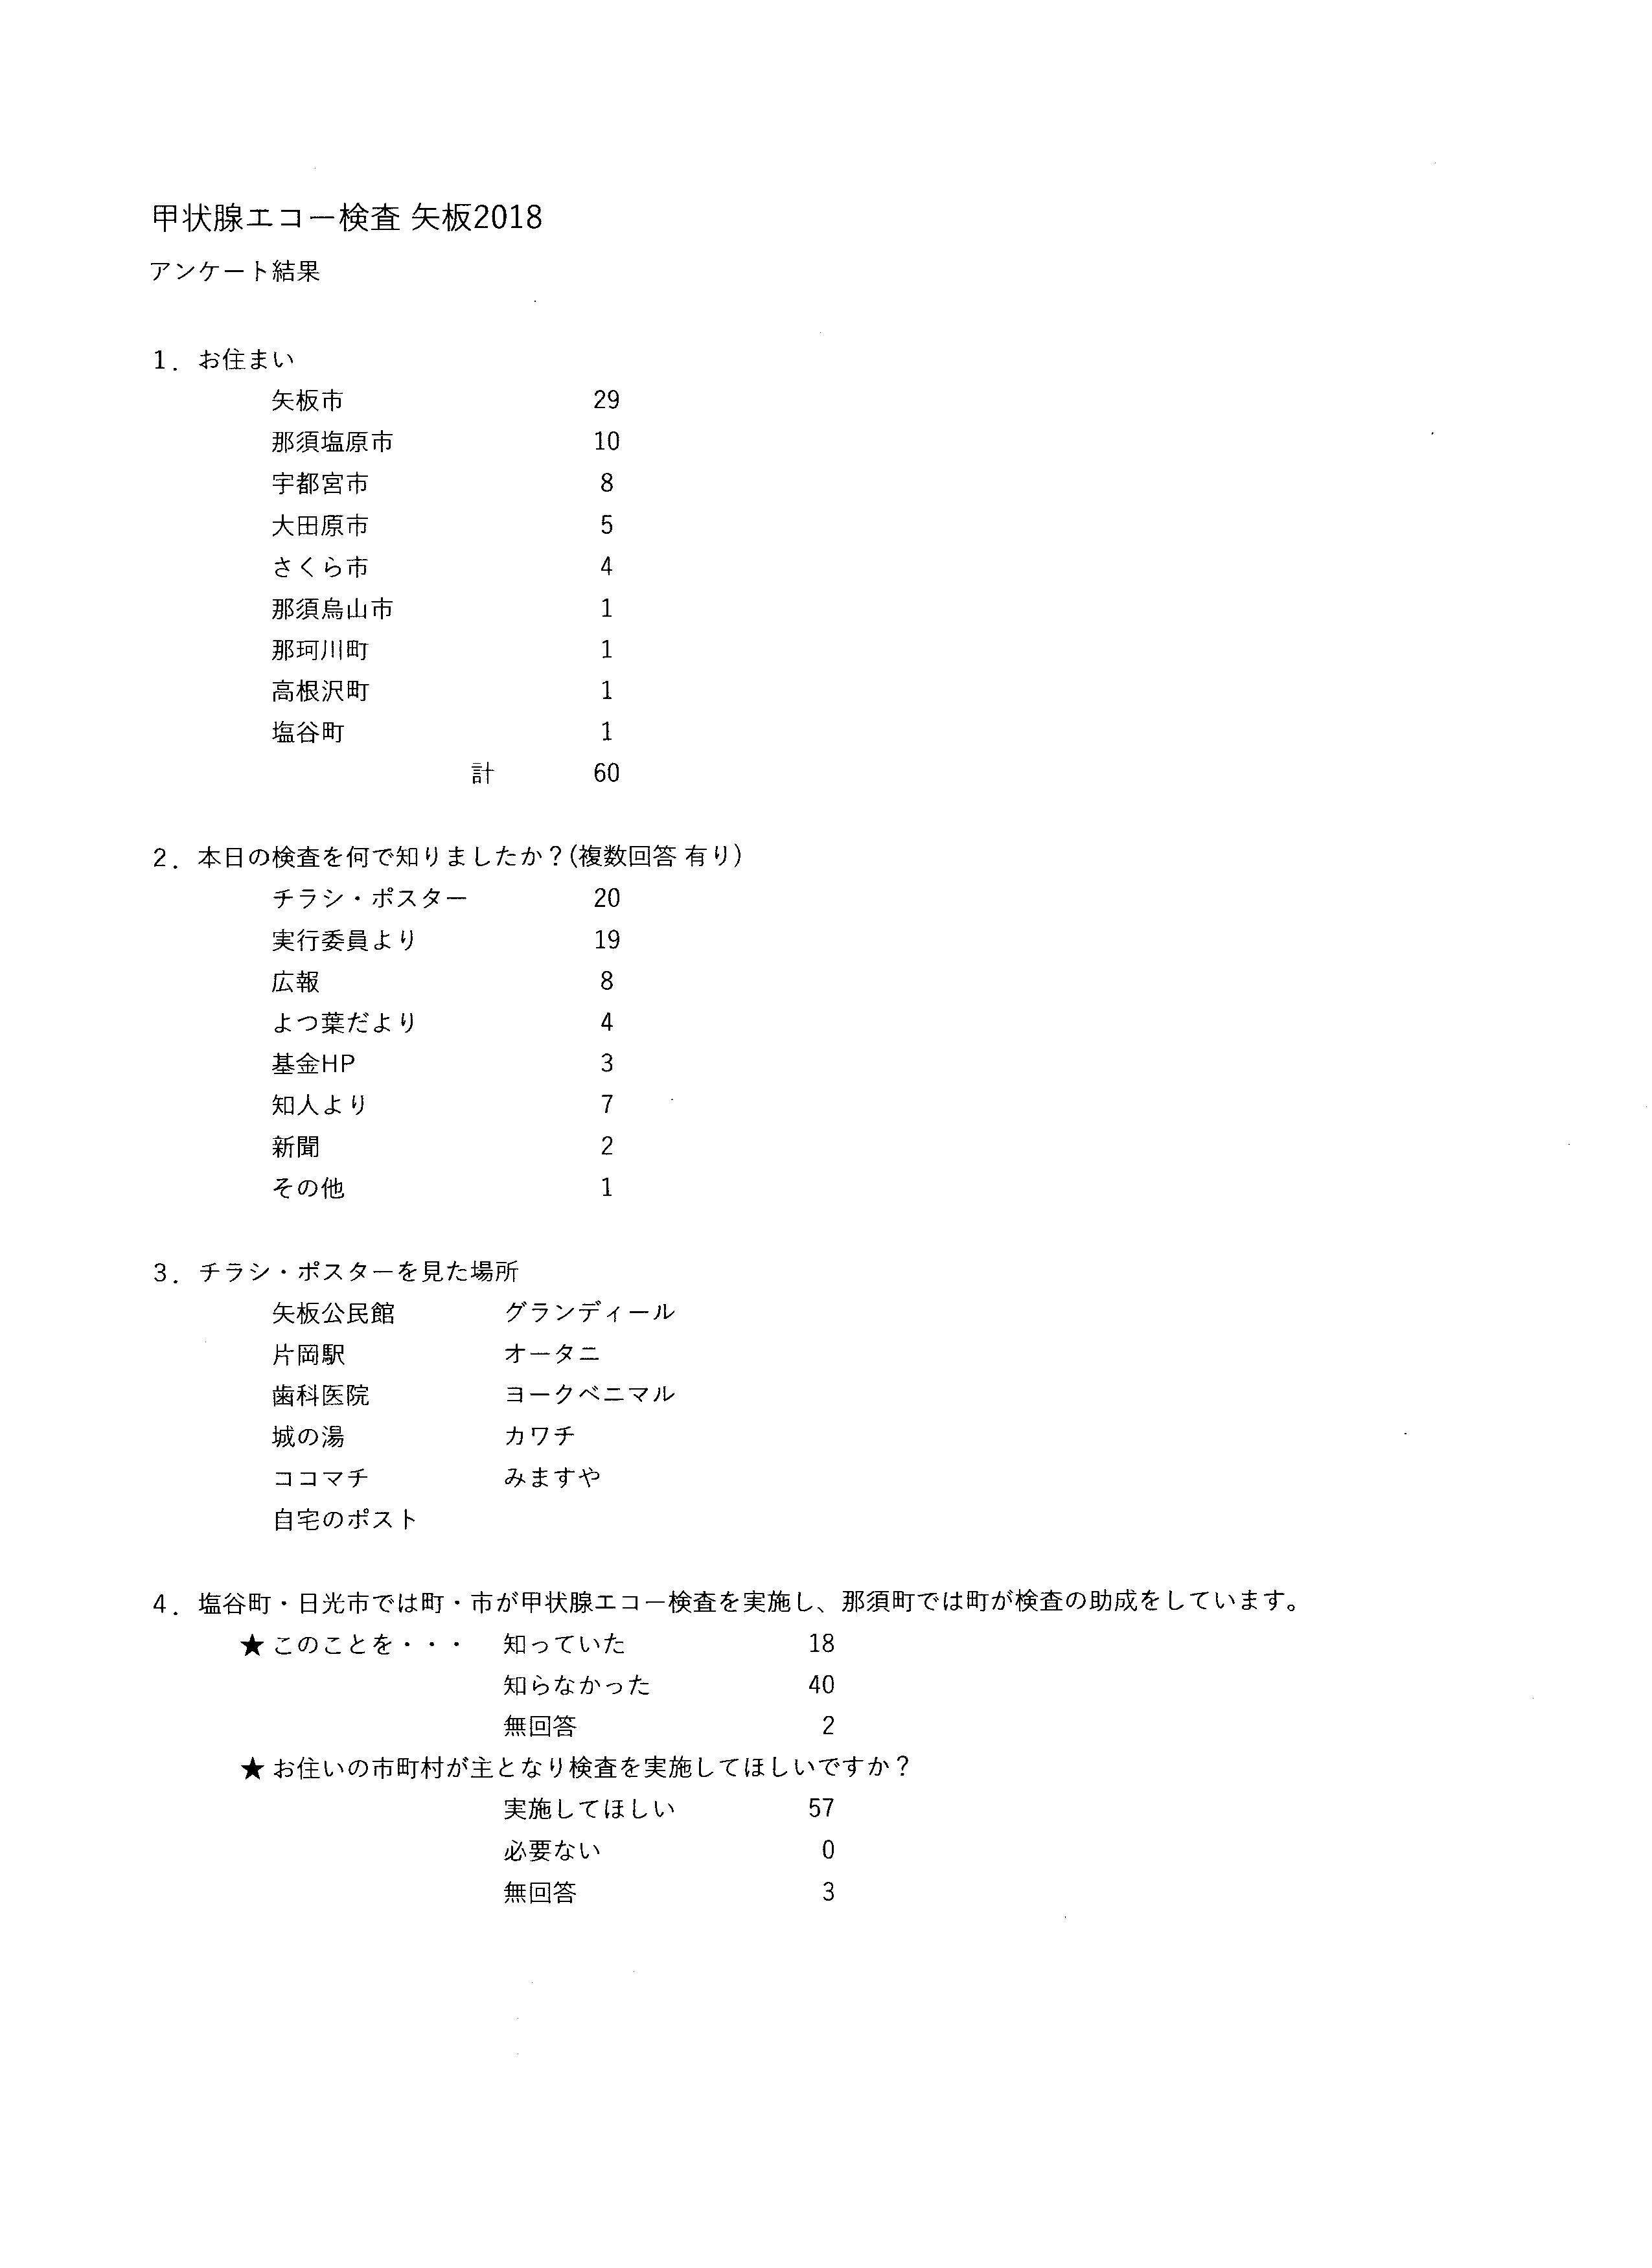 甲状腺エコー検査矢板報告2018③